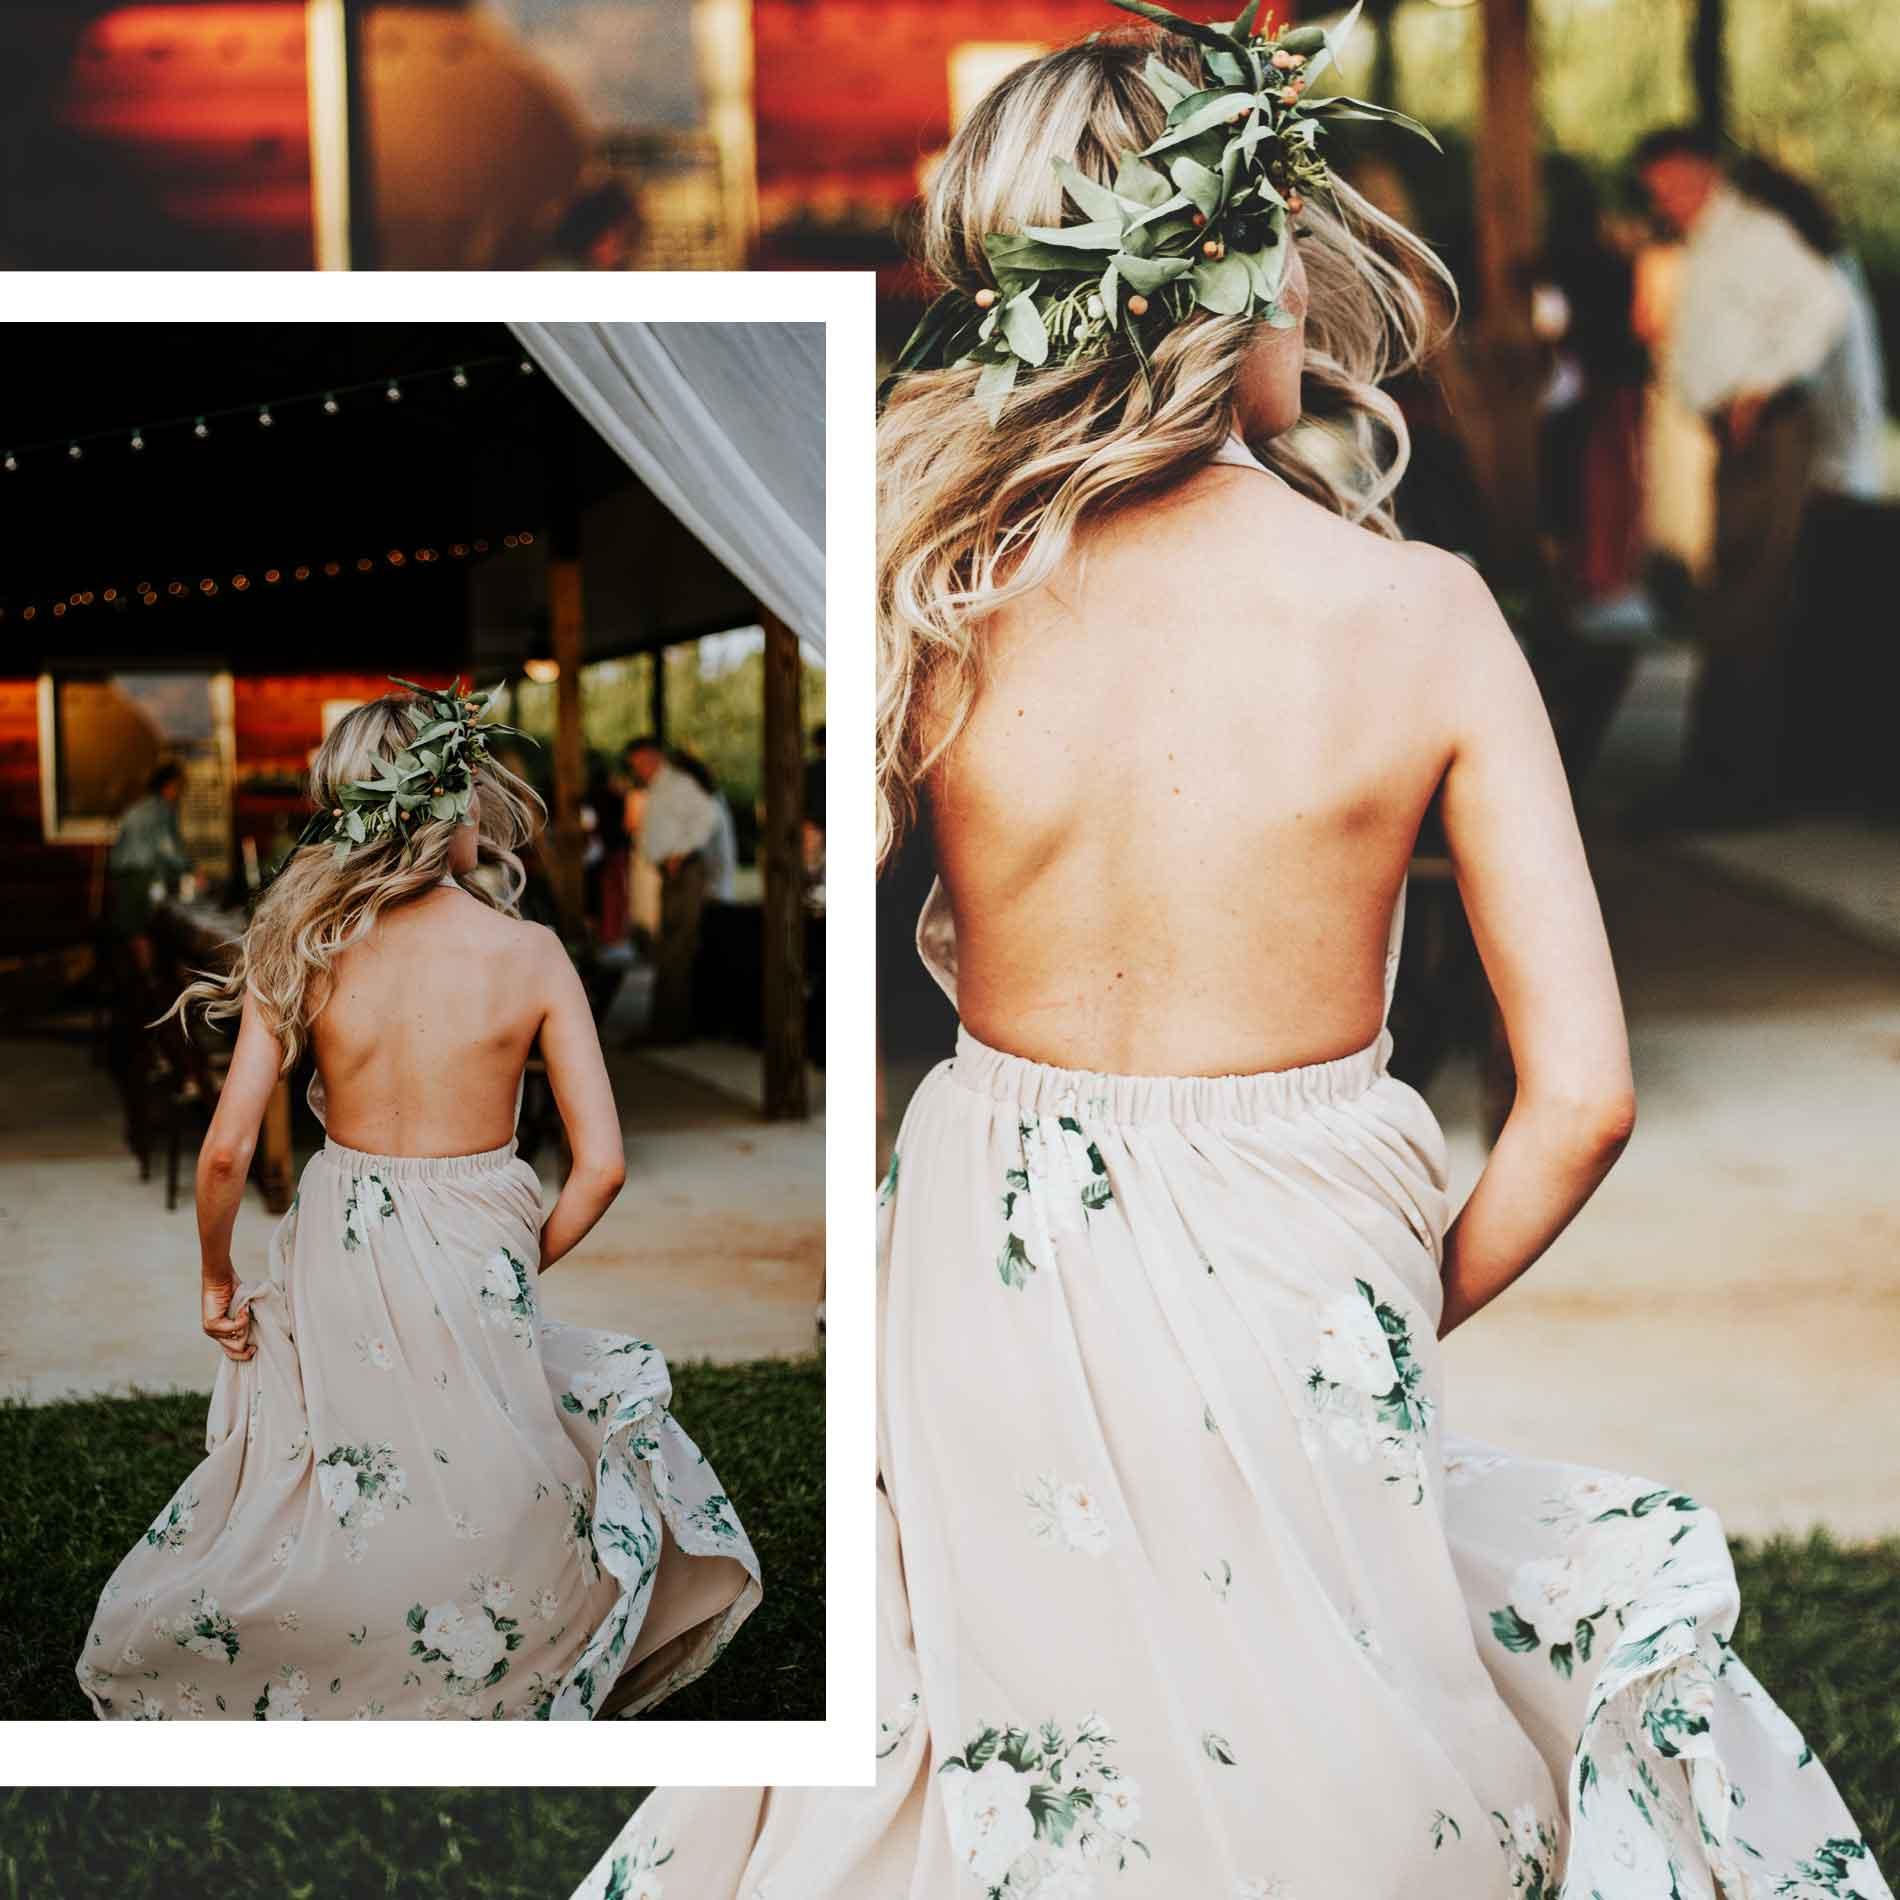 Hochzeitsgast-Outfit, Outfit zur Hochzeit, Look für die Hochzeit, Kleider für Hochzeit, Hose ansatt Kleid Hochzeit, Hochzeit Kleidung, Schöne Looks zur Hochzeit, Inspirationen für Hochzeitsgast Outfits